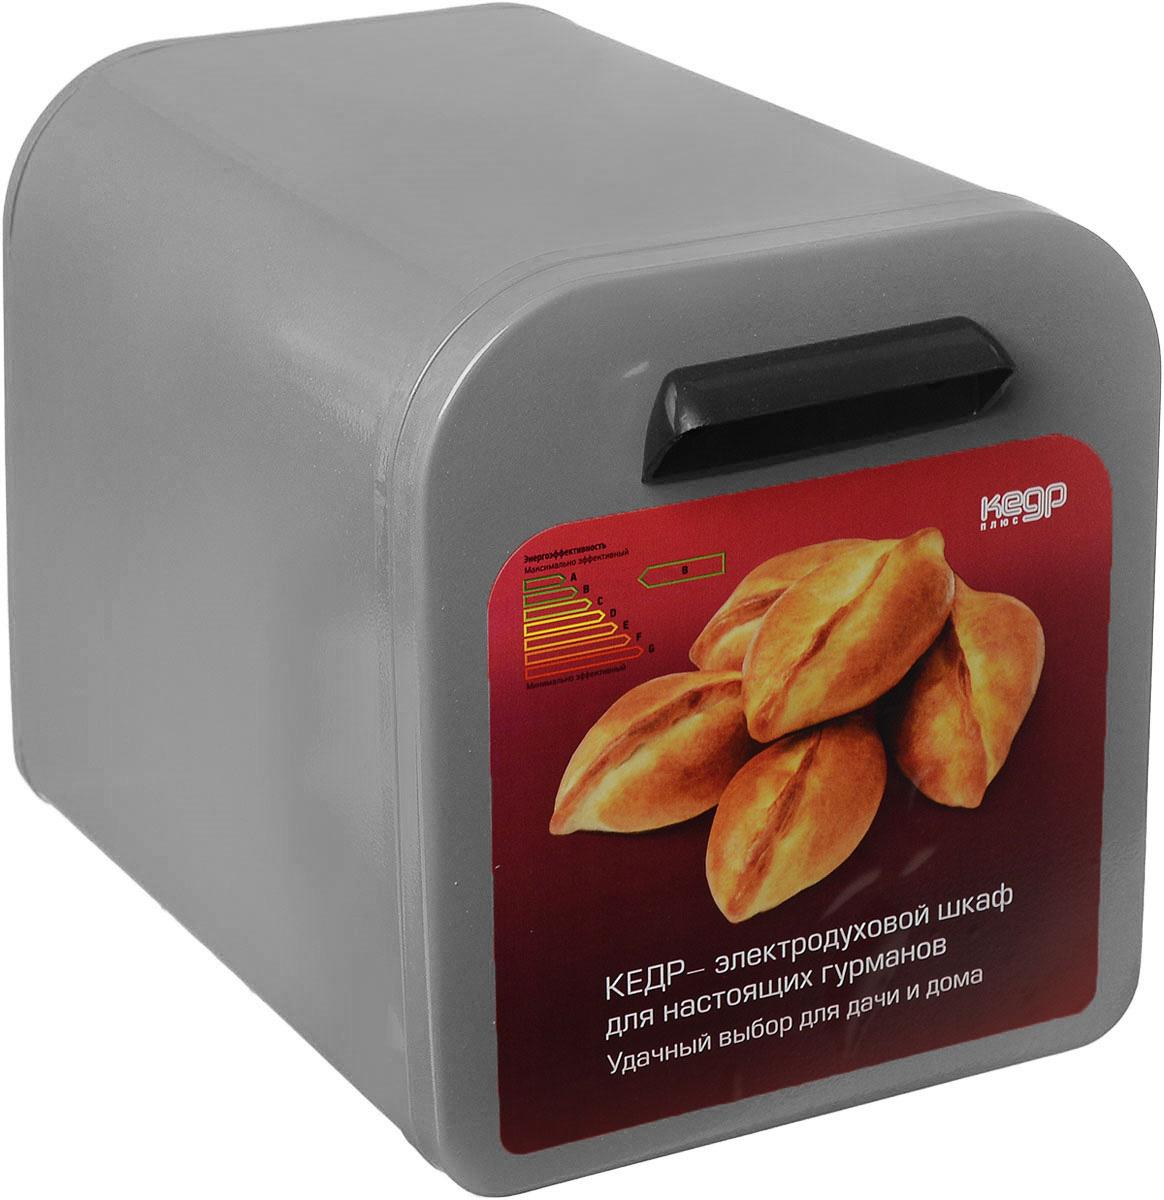 Кедр ЖШ-0,625/220, Grey жарочный шкафЖШ-0,625/220Жарочный шкаф Кедр предназначен для выпечки в домашних условиях различных изделий из теста, а также для запекания картофеля и приготовления блюд из мяса, птицы, рыбы. Также в нем можно сушить ягоды, грибы и фрукты. Идеален для использования дома, на даче или в гараже. Этот жарочный шкаф отличается низким энергопотреблением - всего 0,625 кВт, что обеспечивает значительную экономию электроэнергии по сравнению с микроволновой печью и бесперебойную работу в условиях нестабильного электроснабжения в сельской местности, имеет большой срок службы - до 20-ти лет. Но, пожалуй, главная его особенность и уникальность заключается в том, что он создает эффект русской печи. Так происходит, потому что тепло по всему периметру жарочного шкафа распределяется равномерно и как бы окутывает блюдо со всех сторон. В процессе приготовления еды не задействованы микроволны, о вреде которых идет так много споров. А, значит, жарочный шкаф Кедр составит хорошую...